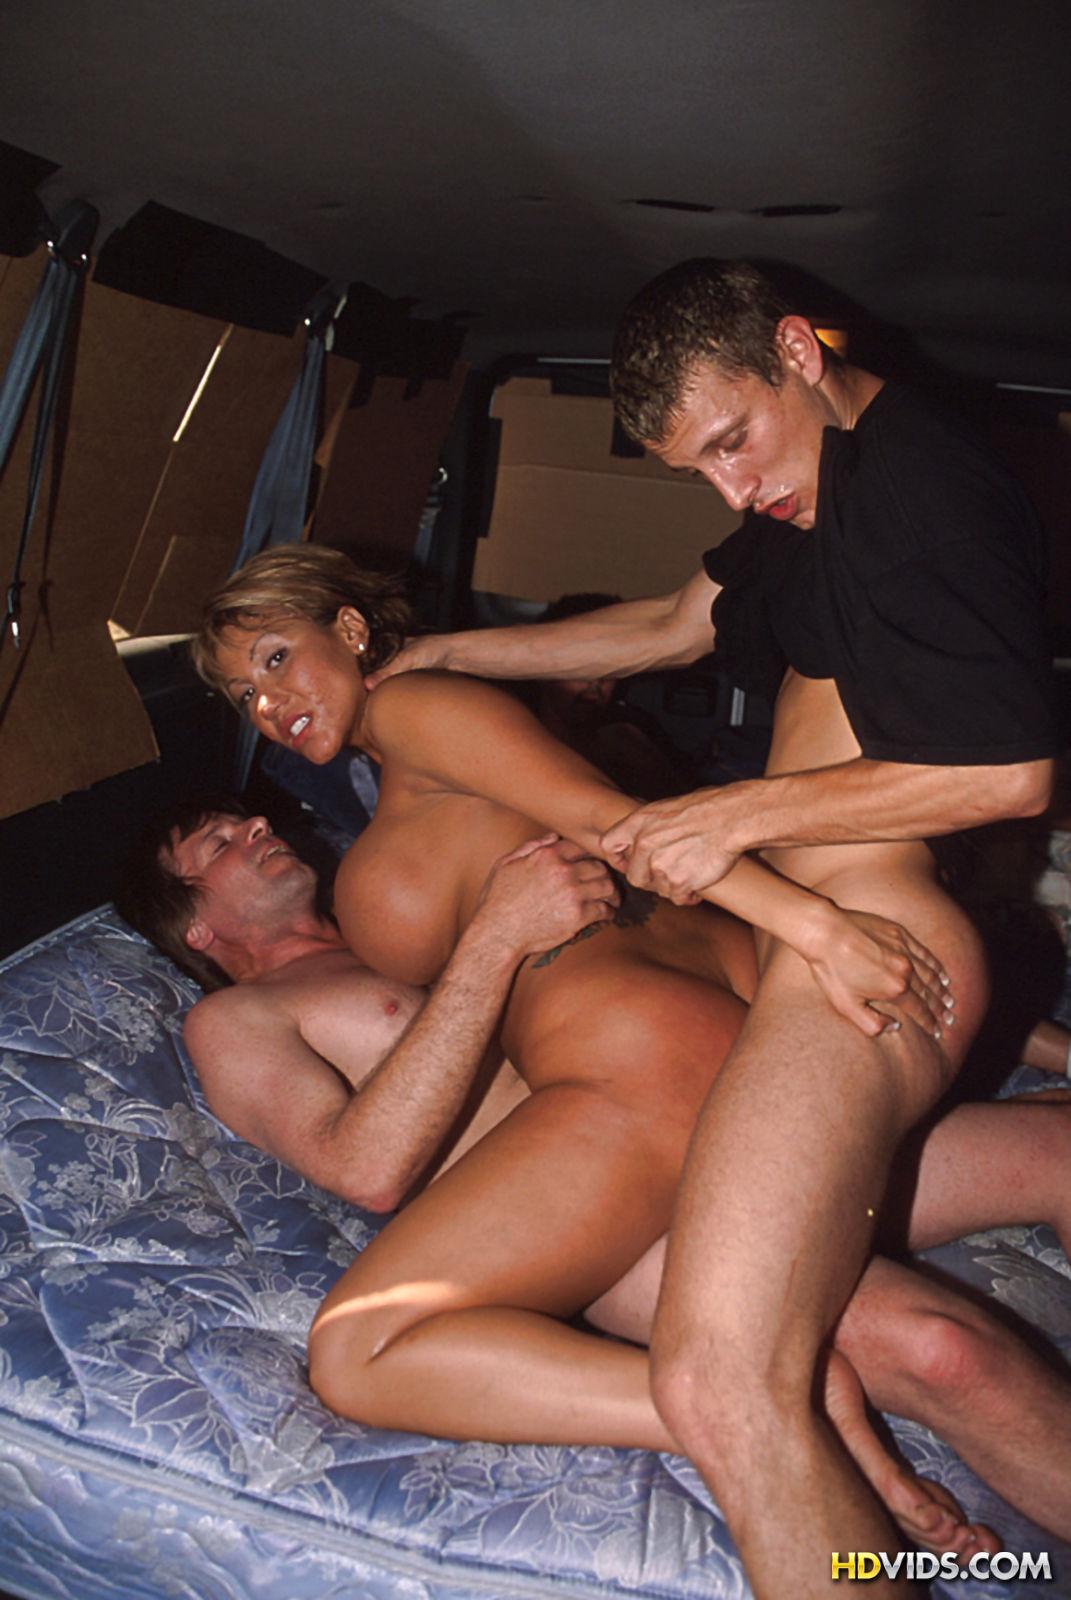 kak-pravilno-porno-gruppovuha-lyubiteley